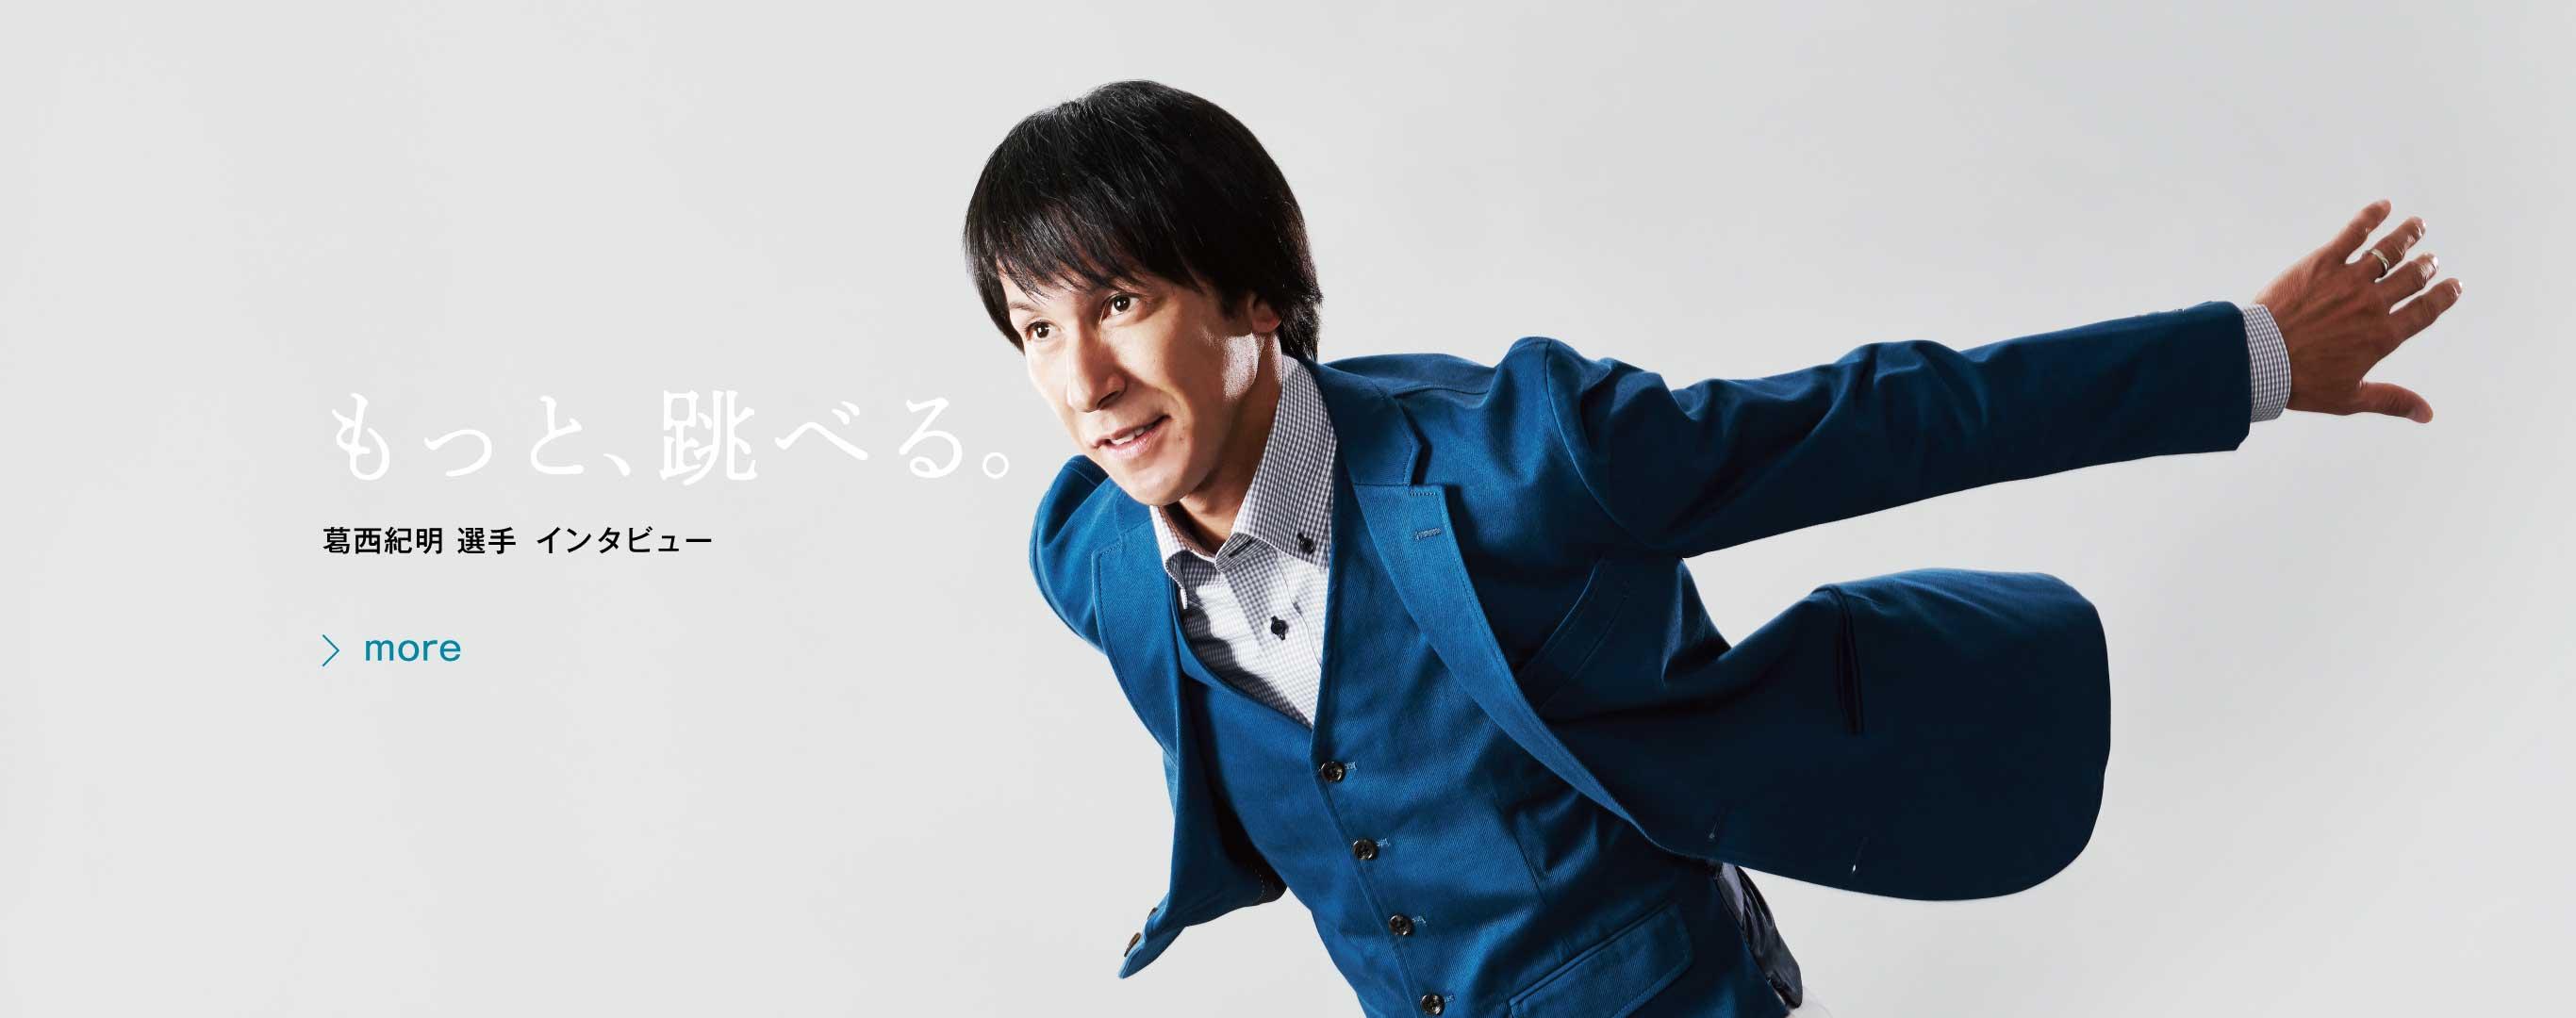 もっと、跳べる。葛西紀明 選手 インタビュー